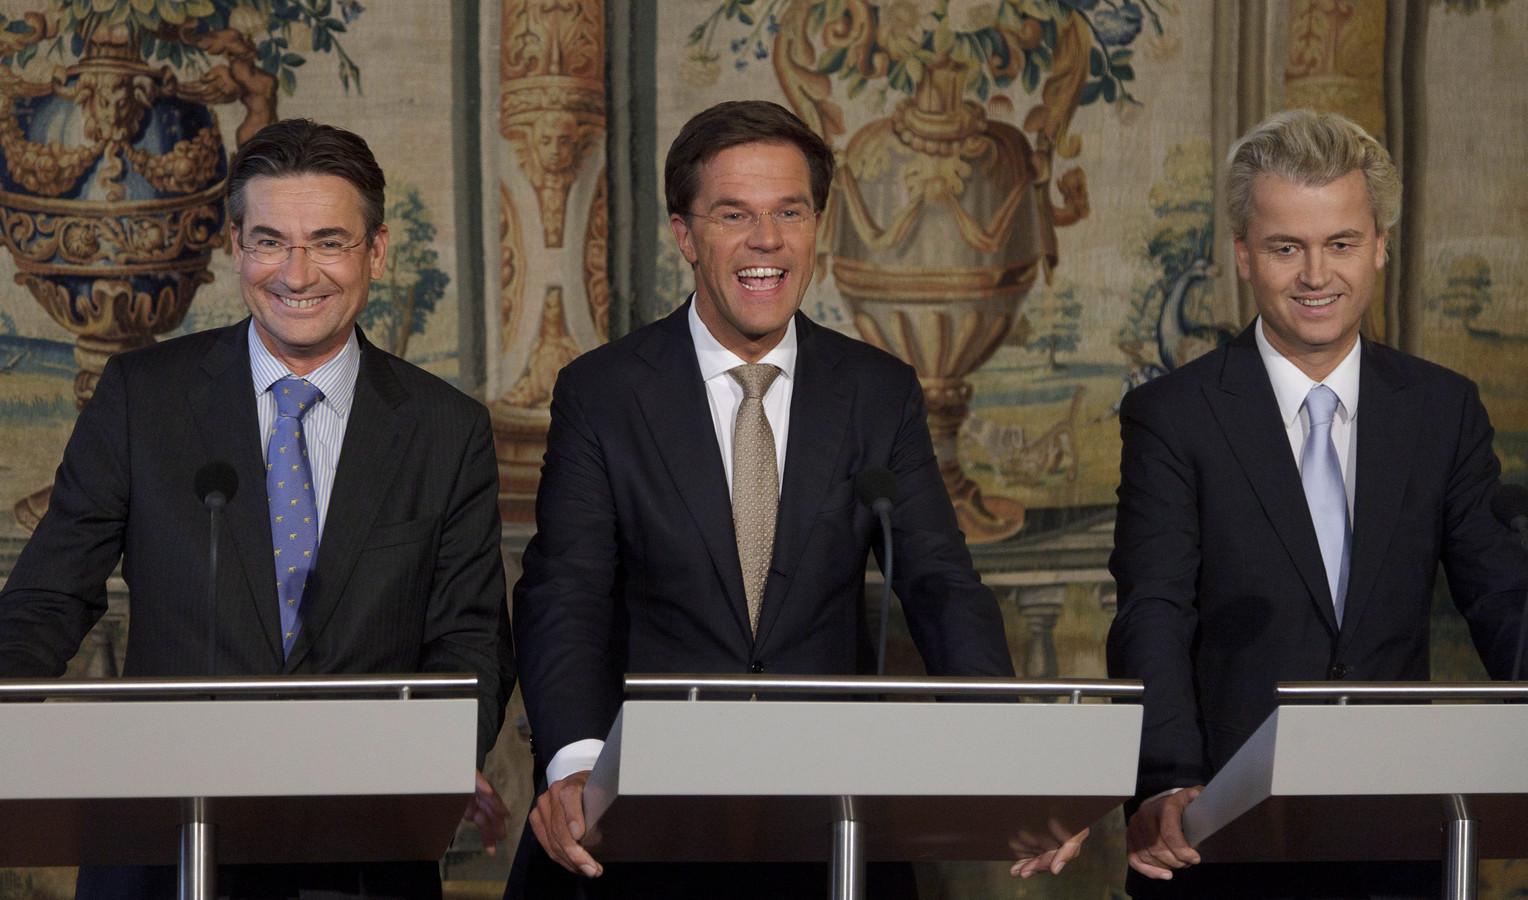 Maxime Verhagen samen met Mark Rutte en Geert Wilders bij de presentatie van de coalitie op 30 september 2010.